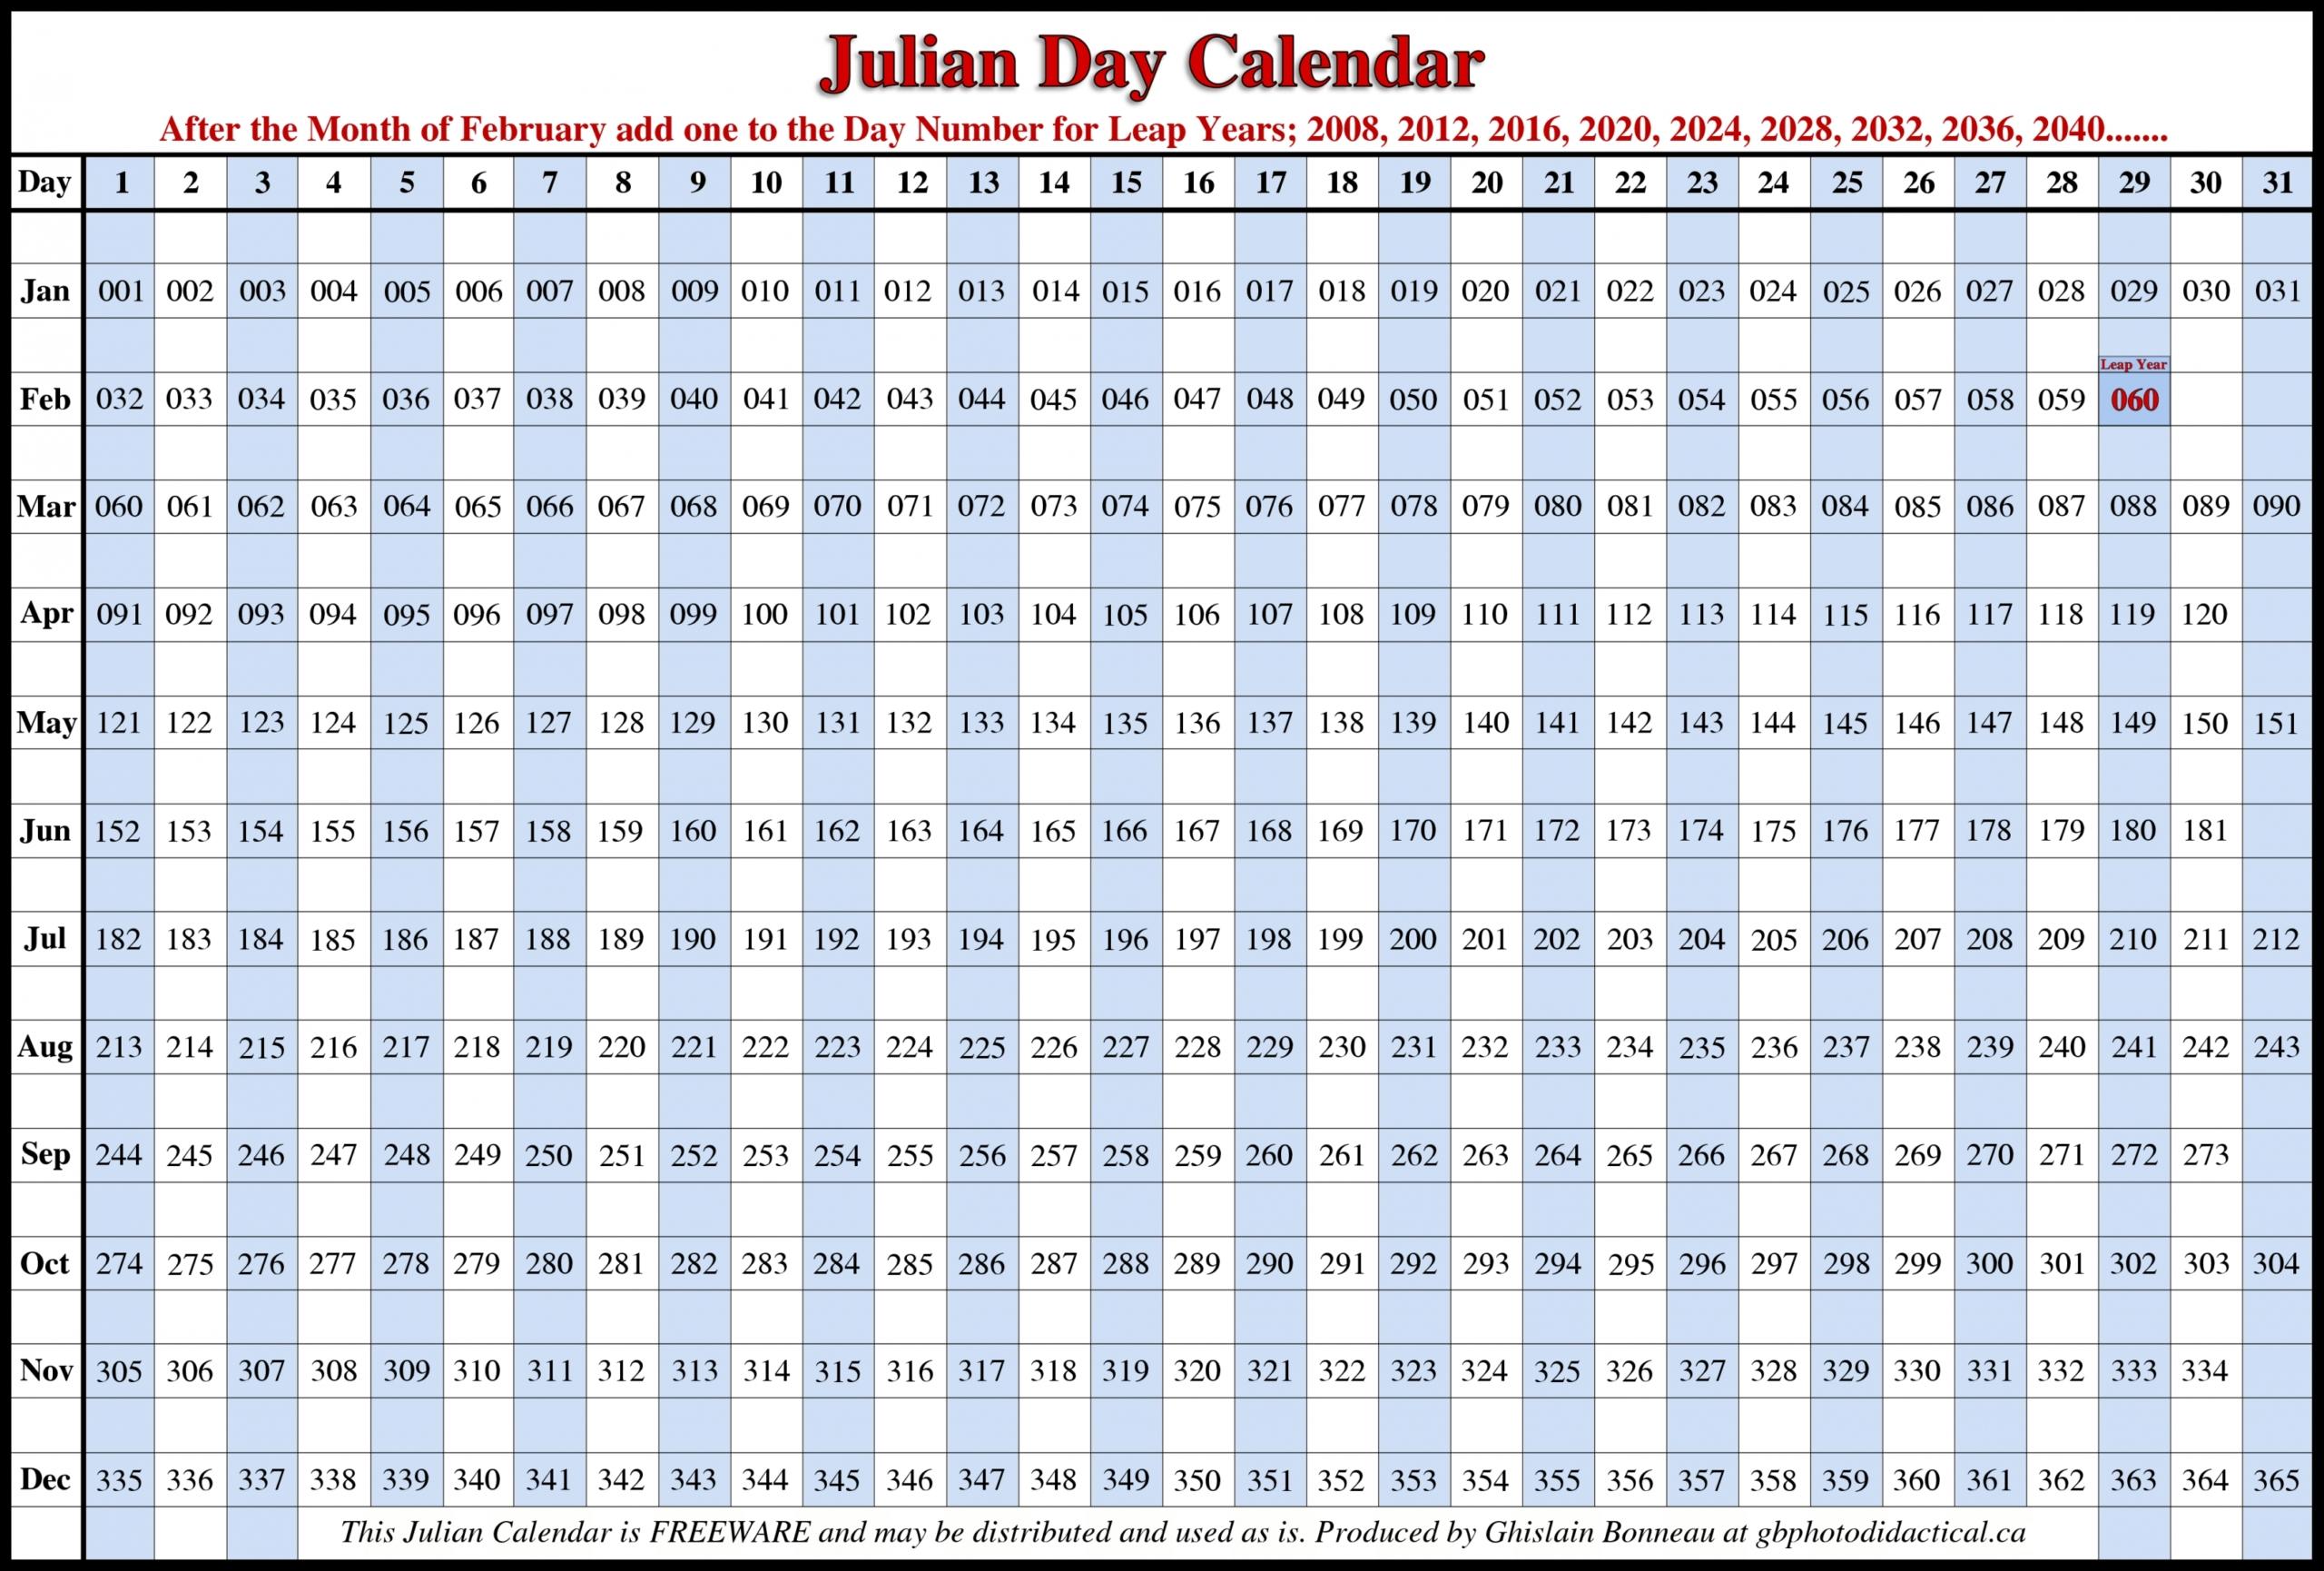 Collect Julian Date Calendar 2021